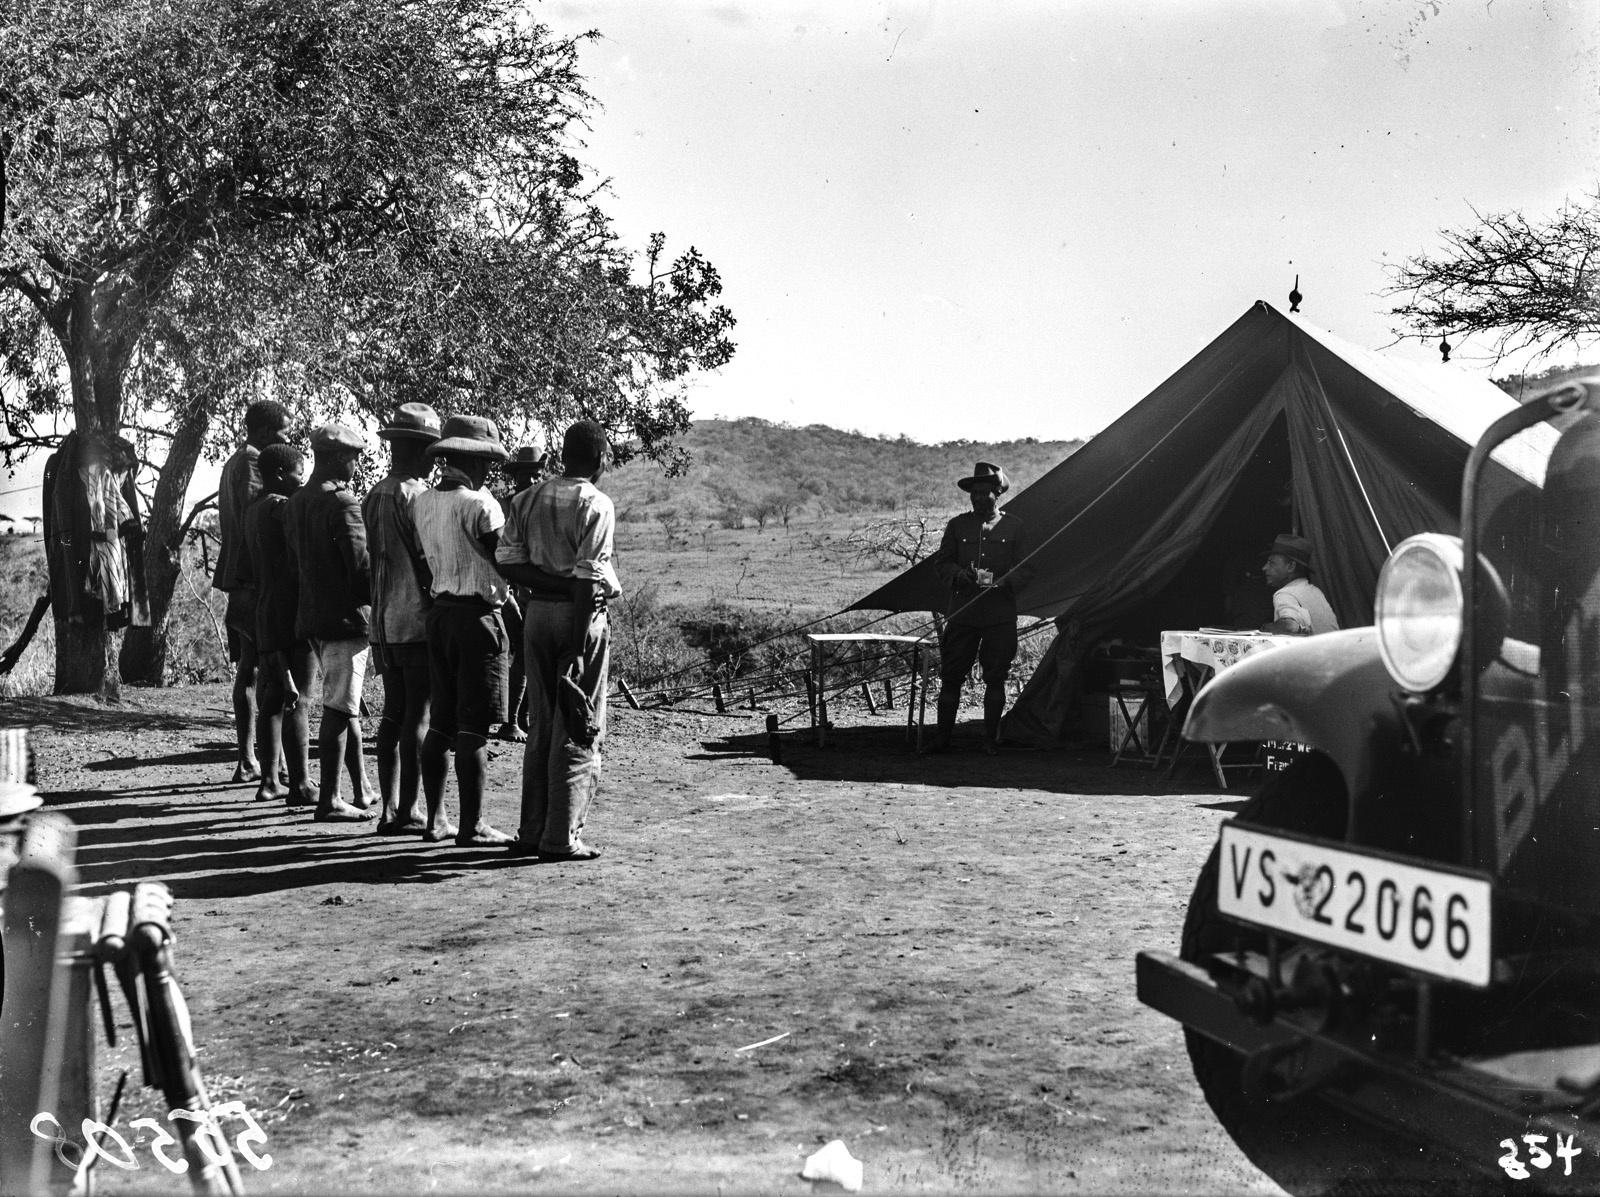 Южно-Африканский Союз. В окрестностях Претории. Участники экспедиции Ханс Шомбургк и солдат перед палаткой